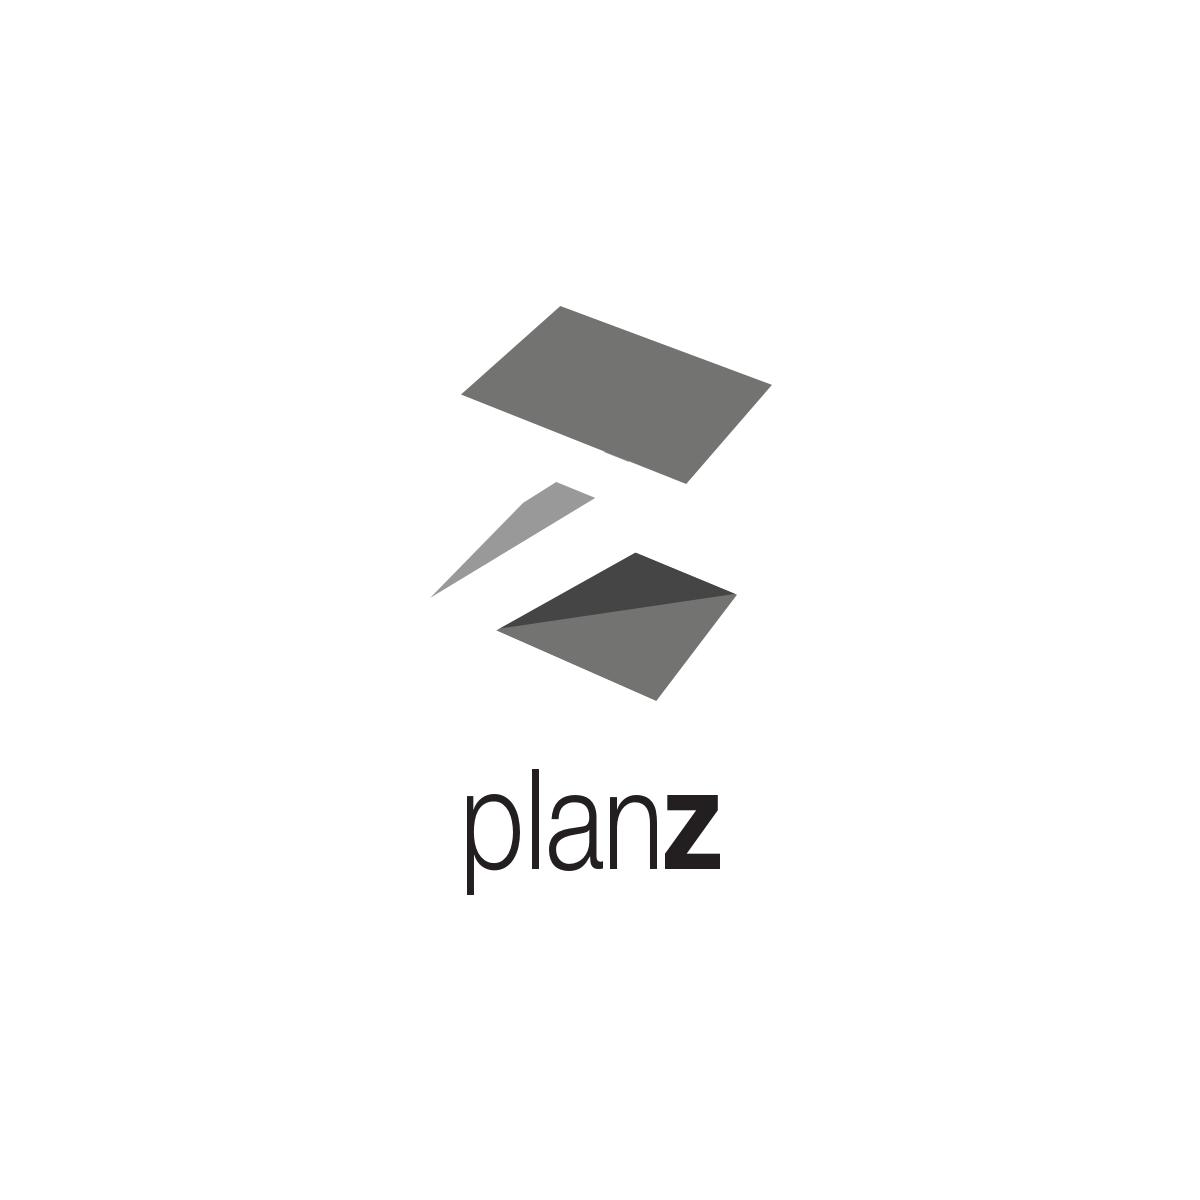 planz_1200x1200